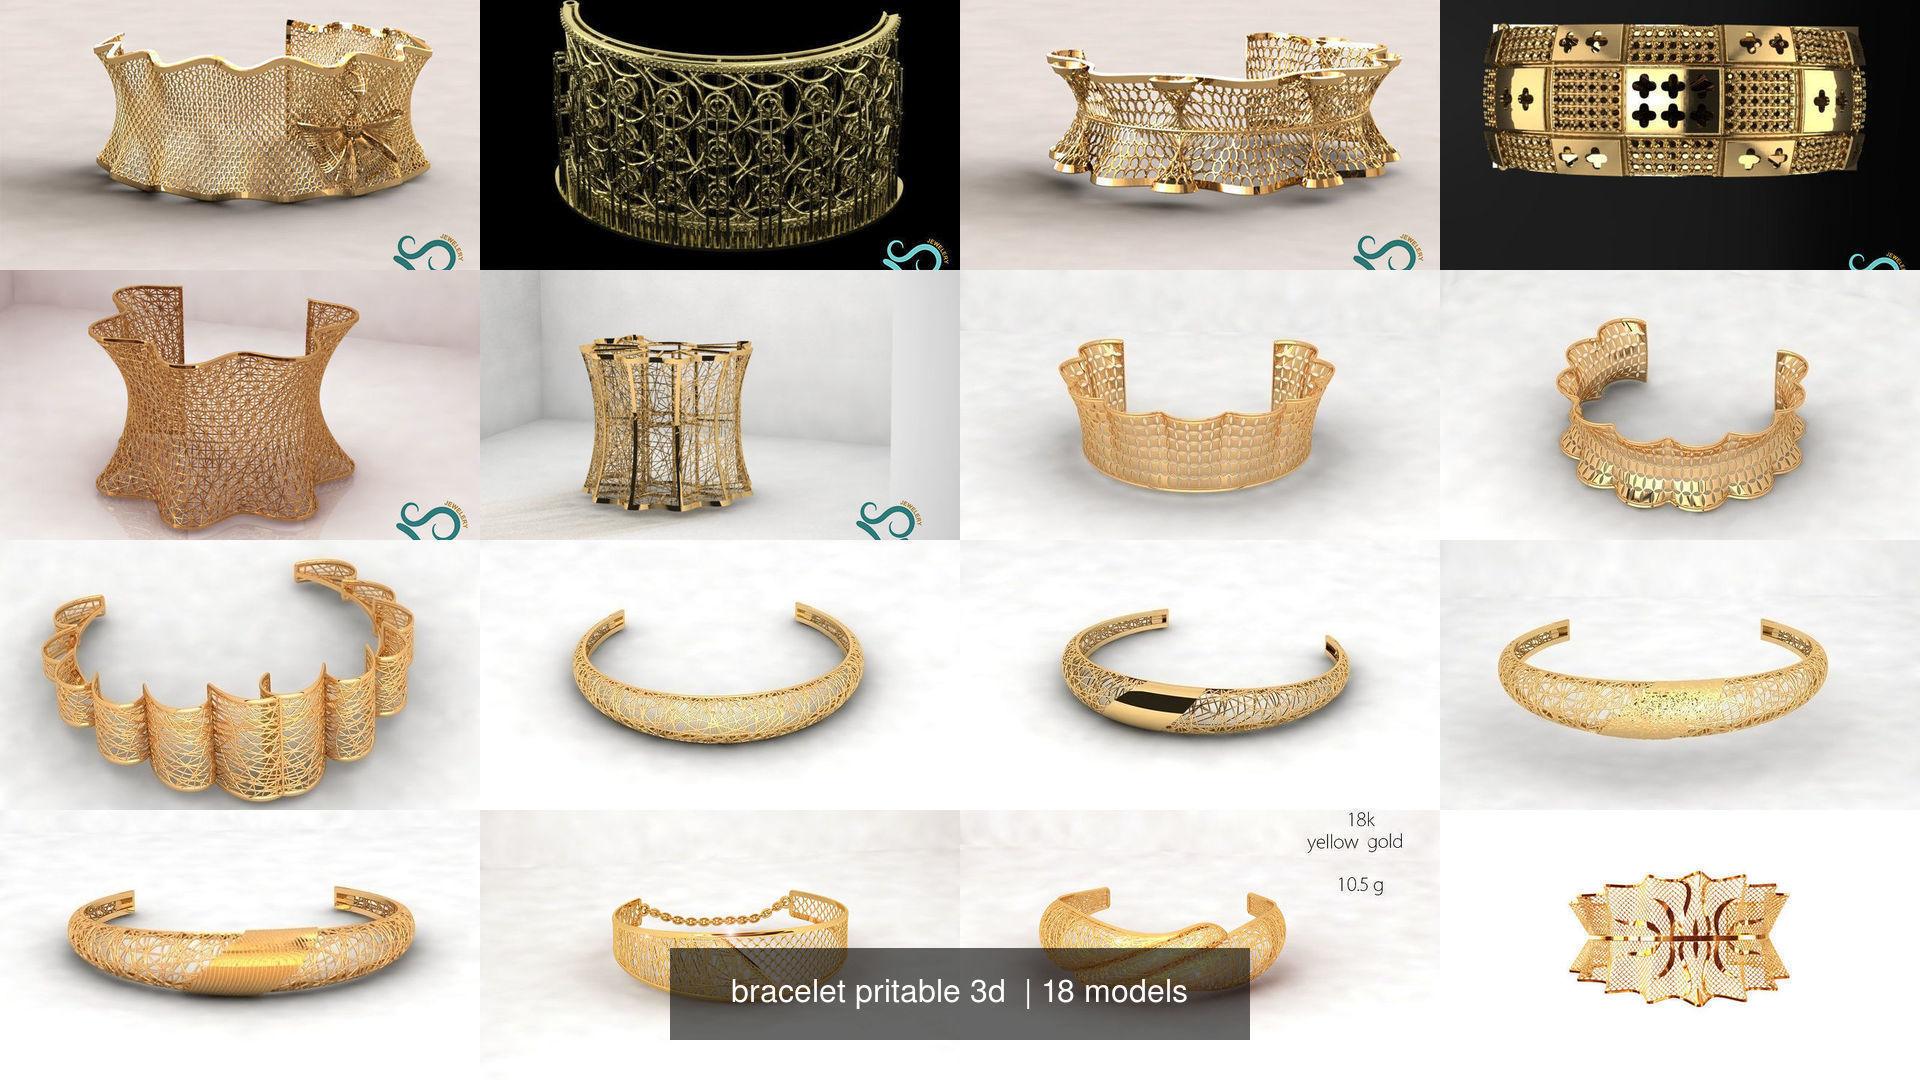 bracelet pritable 3d